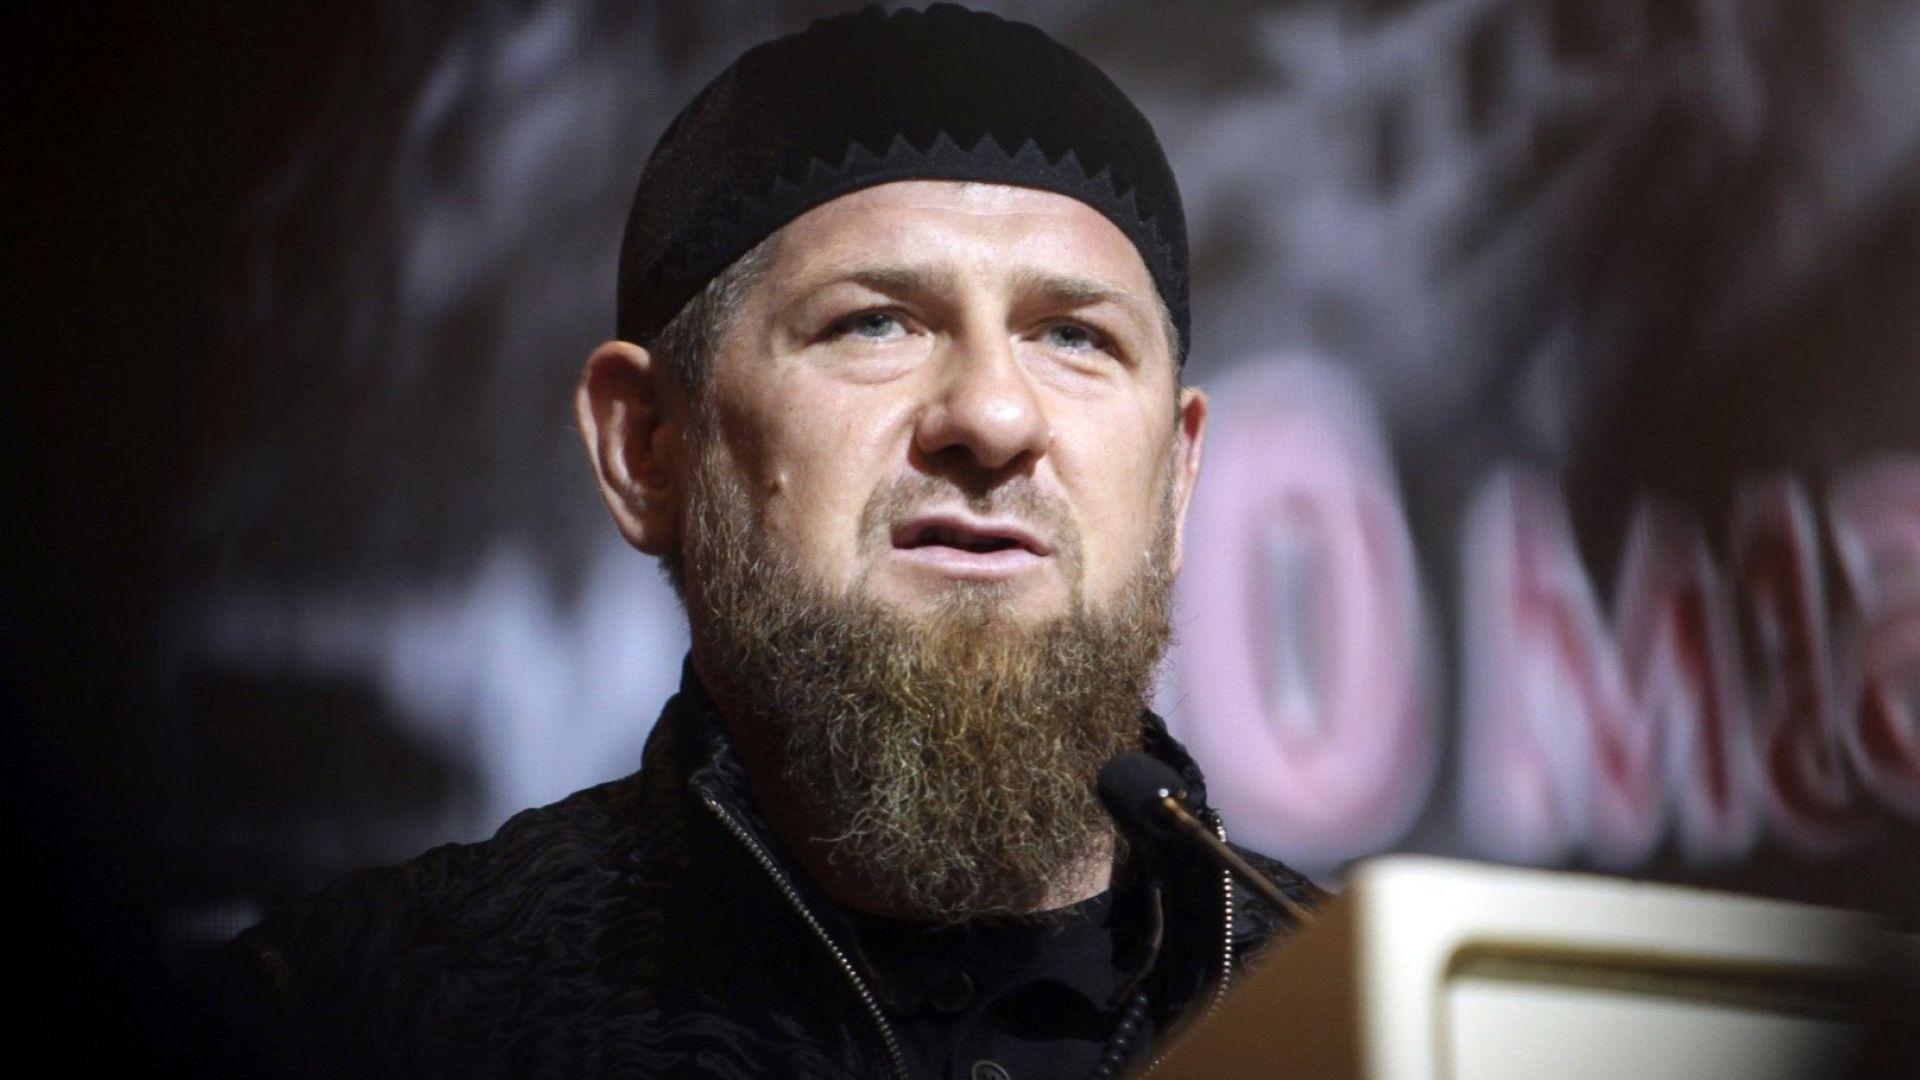 САЩ въвеждат санкции  срещу чеченския лидер  Рамзан Кадиров